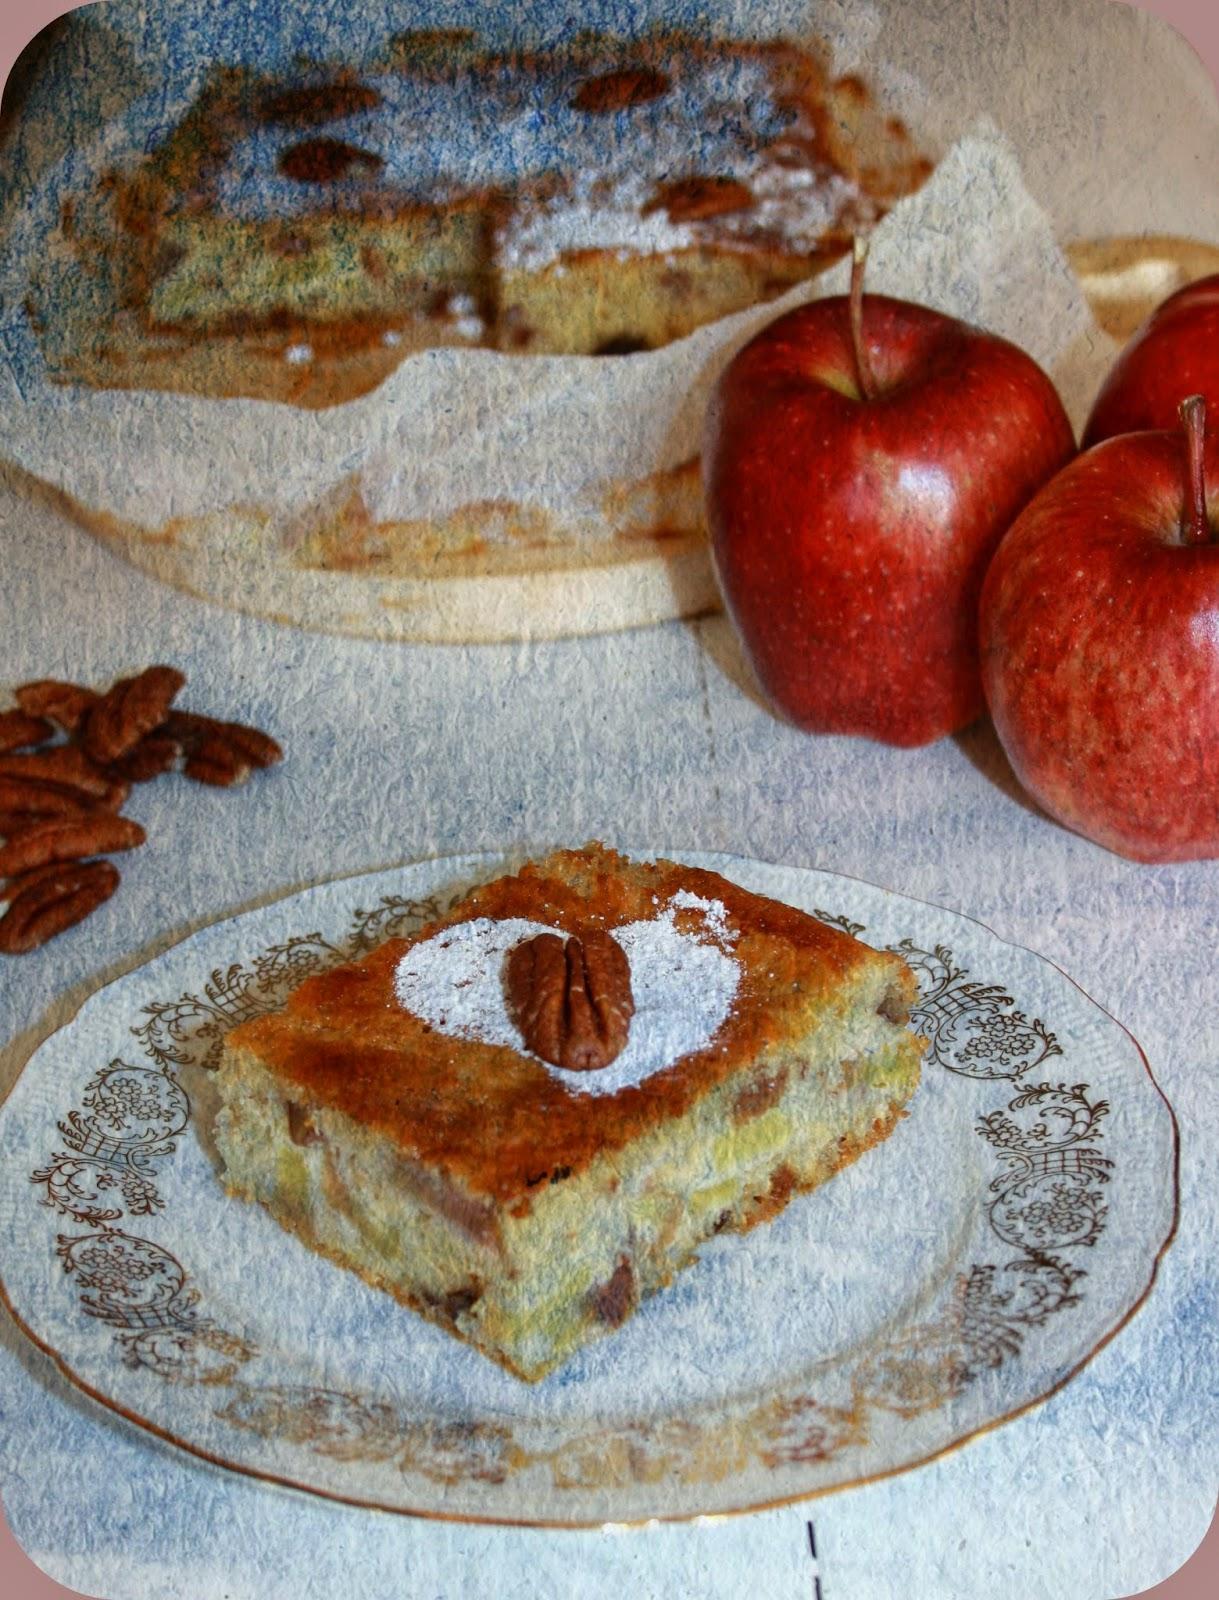 torta di mele senza glutine con noci pecan e uvetta per il recipe-tionist di aprile 2014